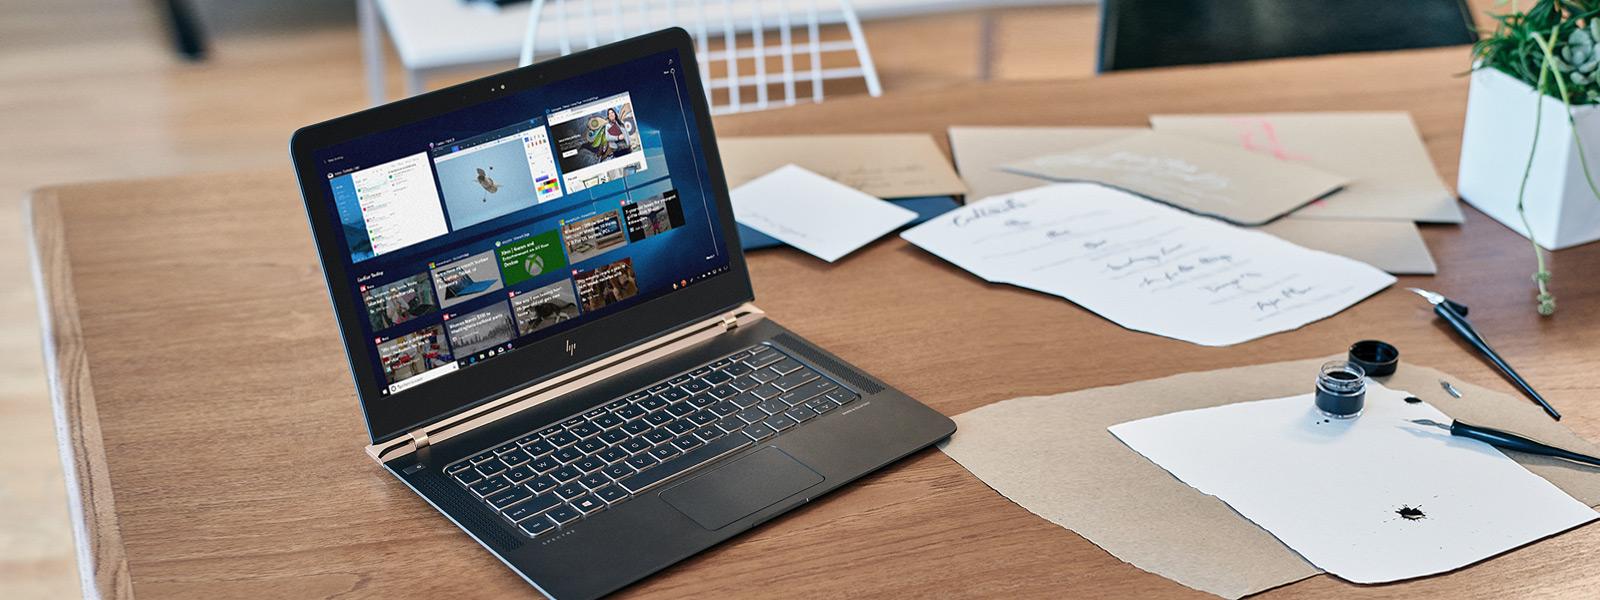 桌子上的笔记本电脑屏幕显示 Windows 时间线